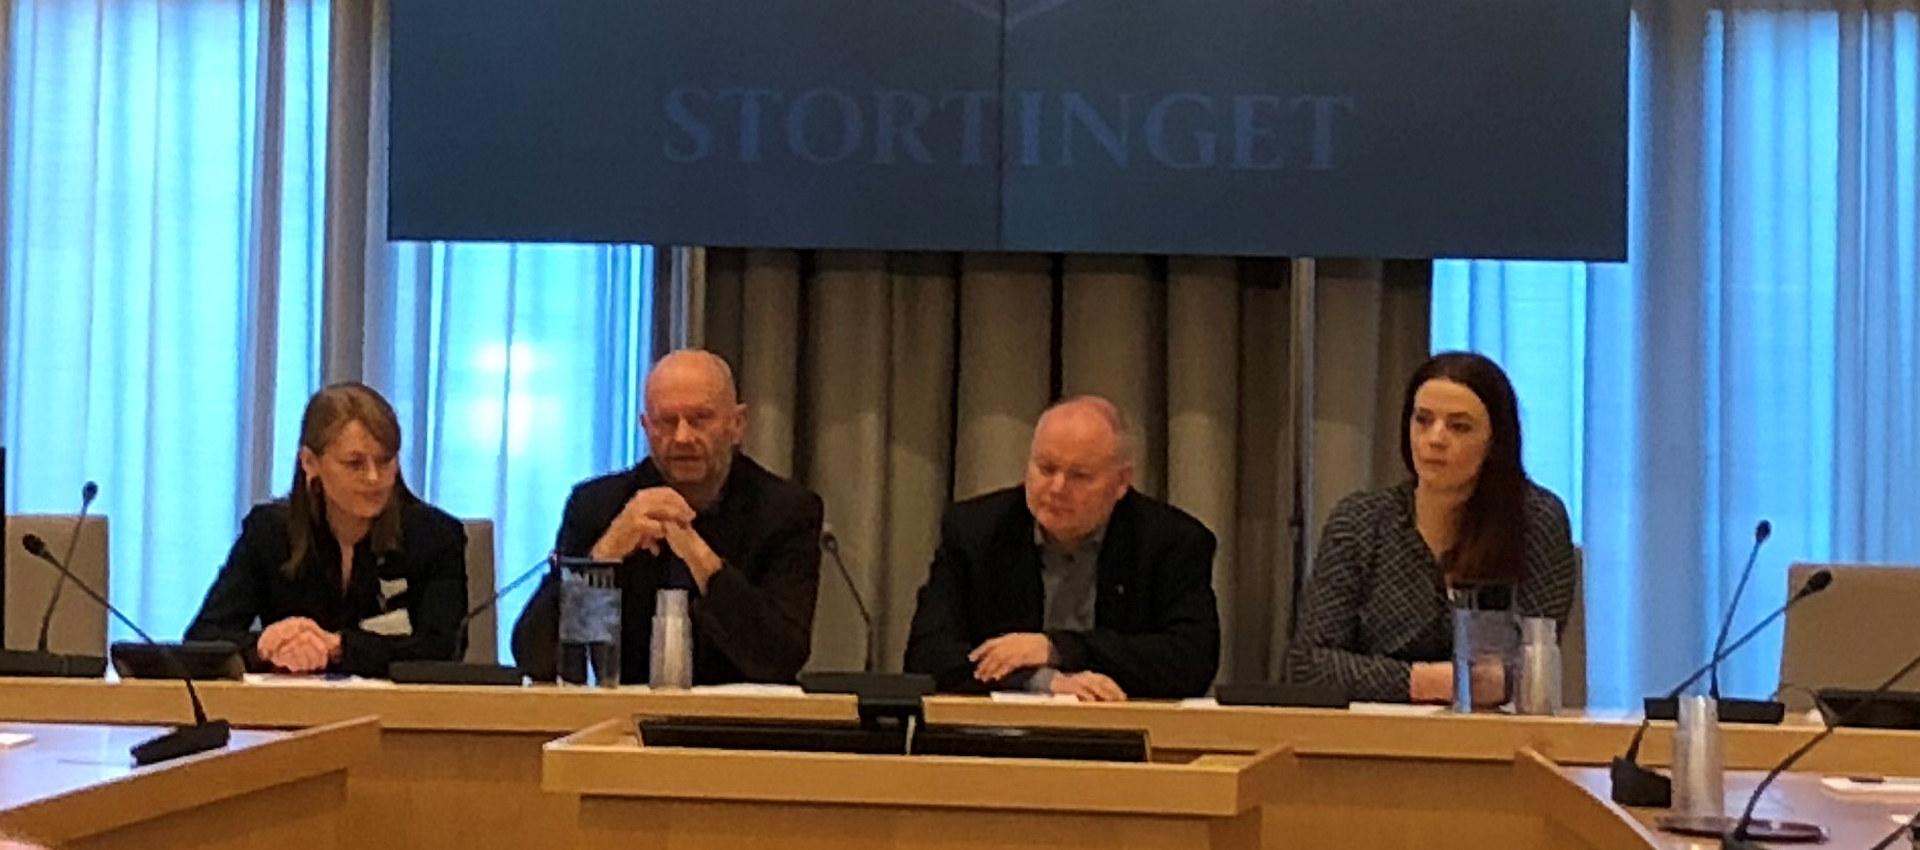 Stein Lier-Hansen på høring i Energi- og miljøkomiteen på Stortinget 23. oktober 2018 om Statsbudsjettet for 2019.